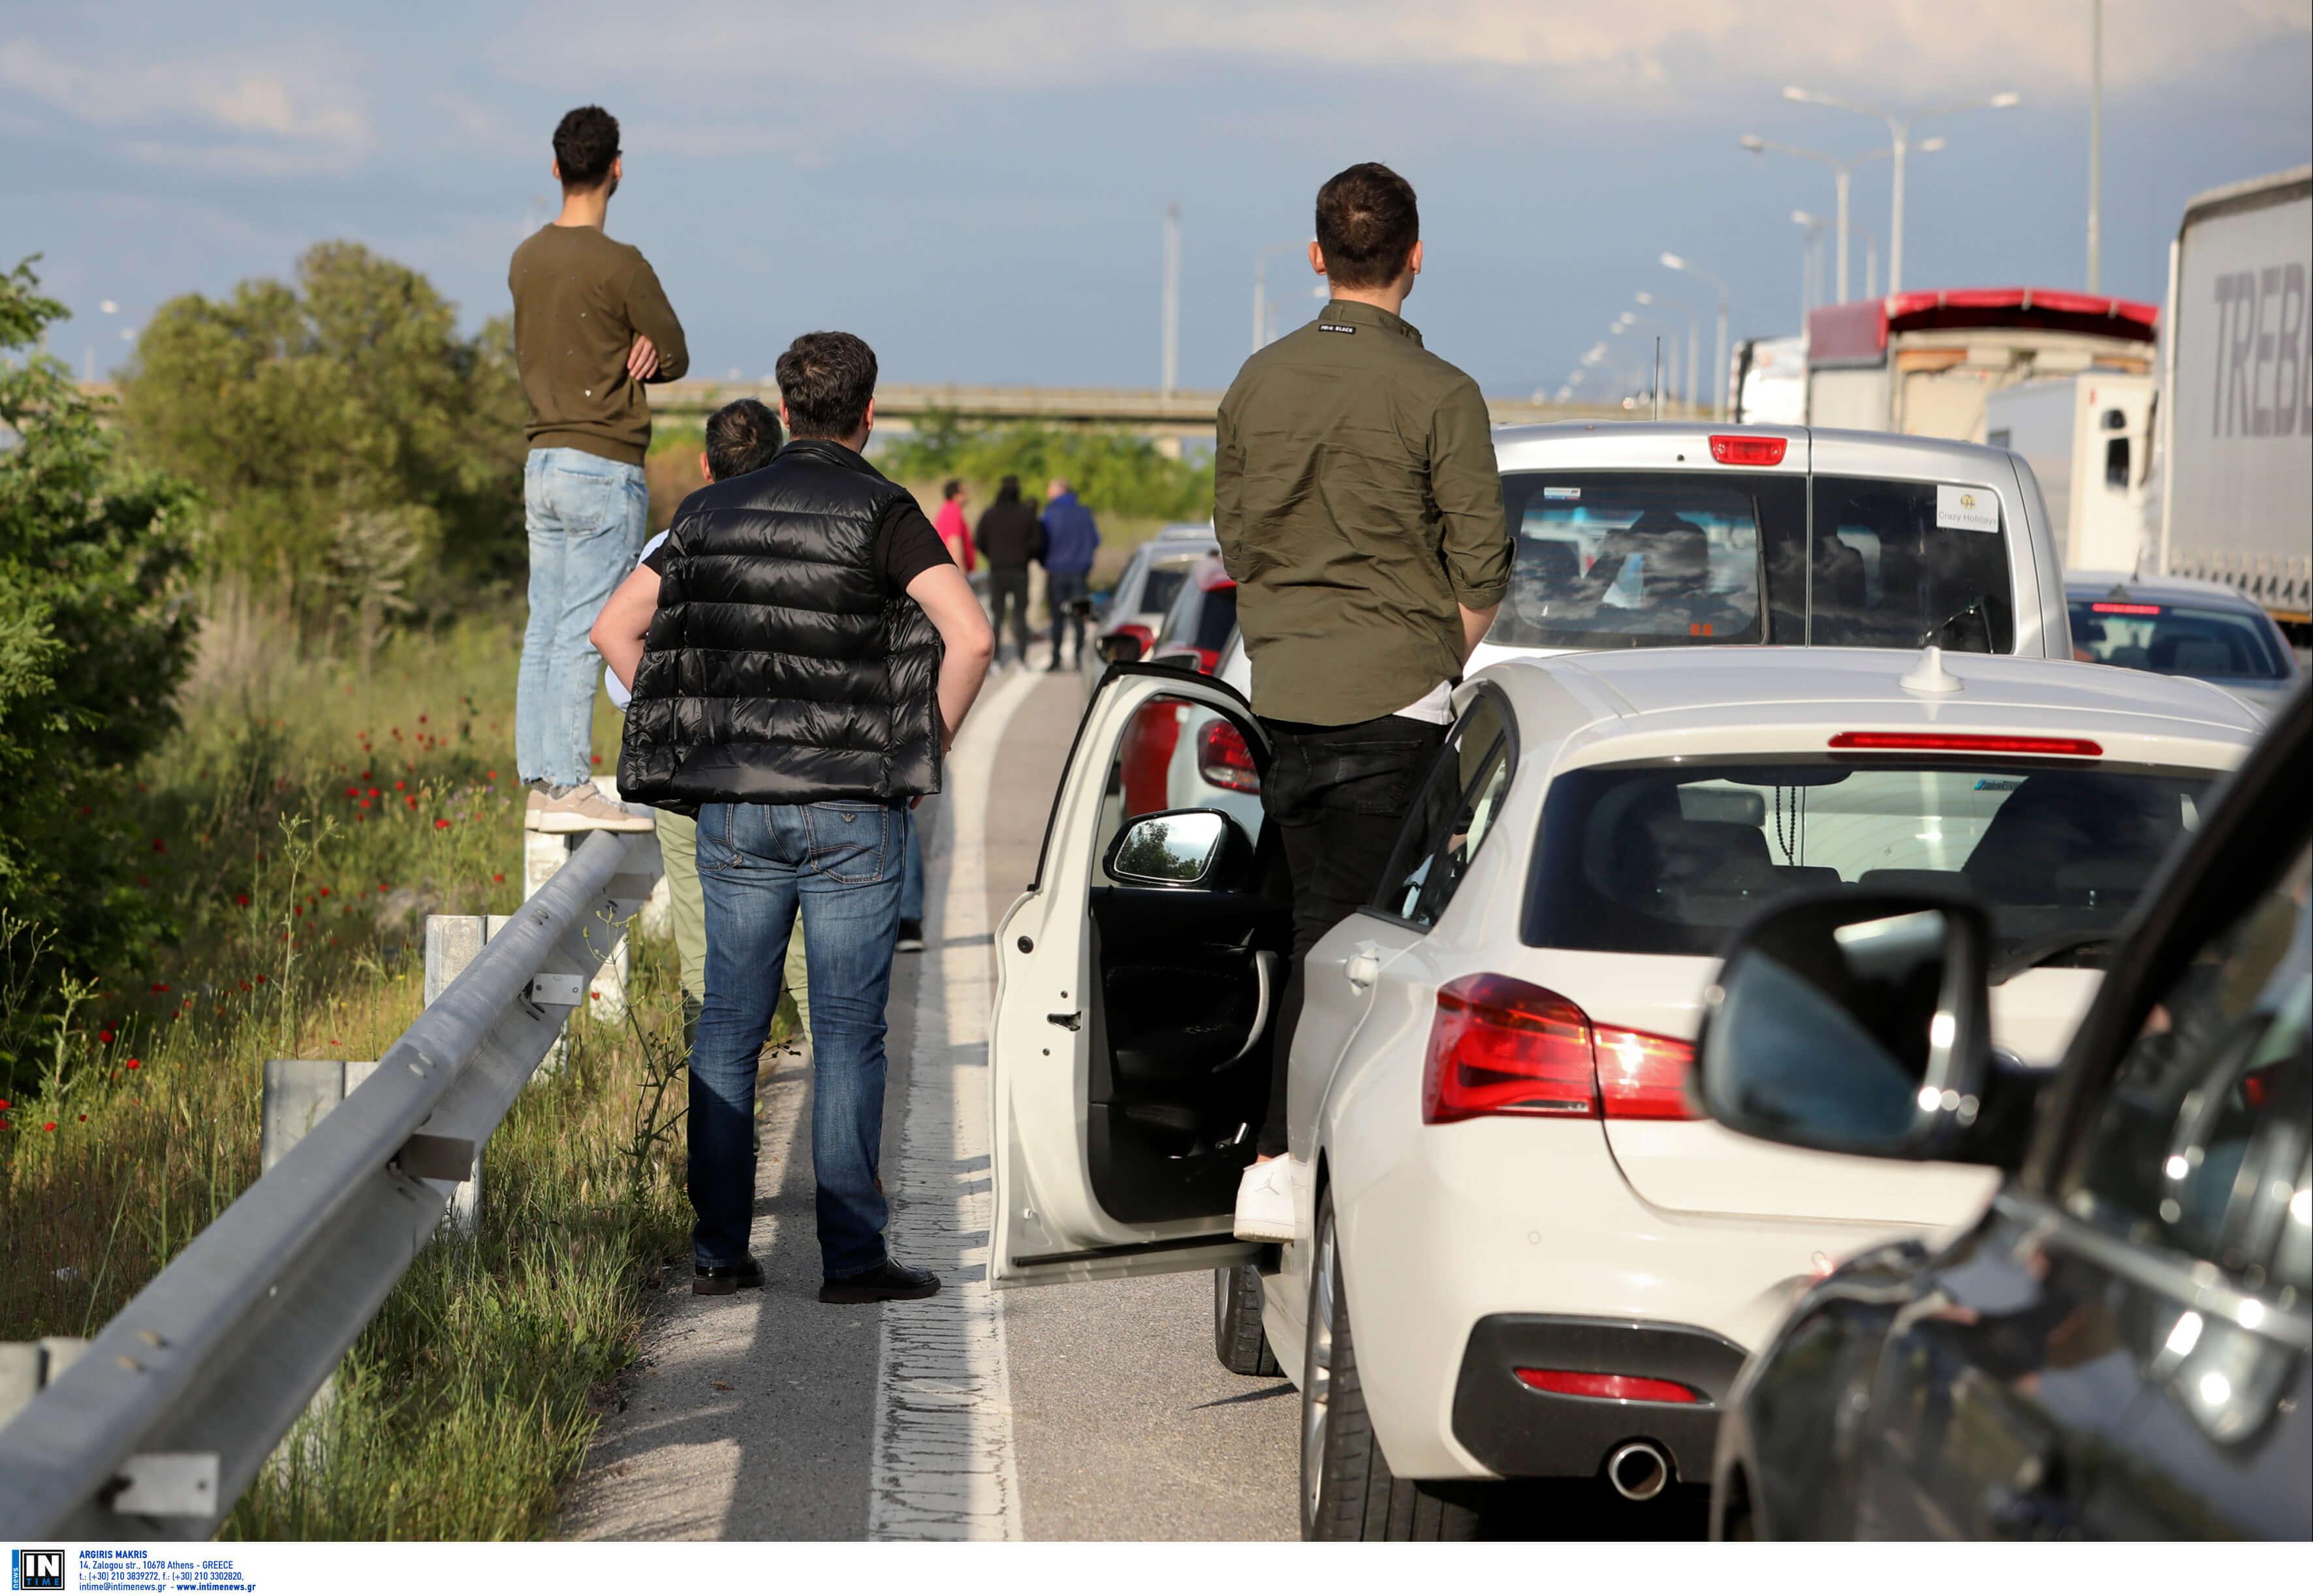 Τρομερό μποτιλιάρισμα πριν τα διόδια των Μαλγάρων [pics]